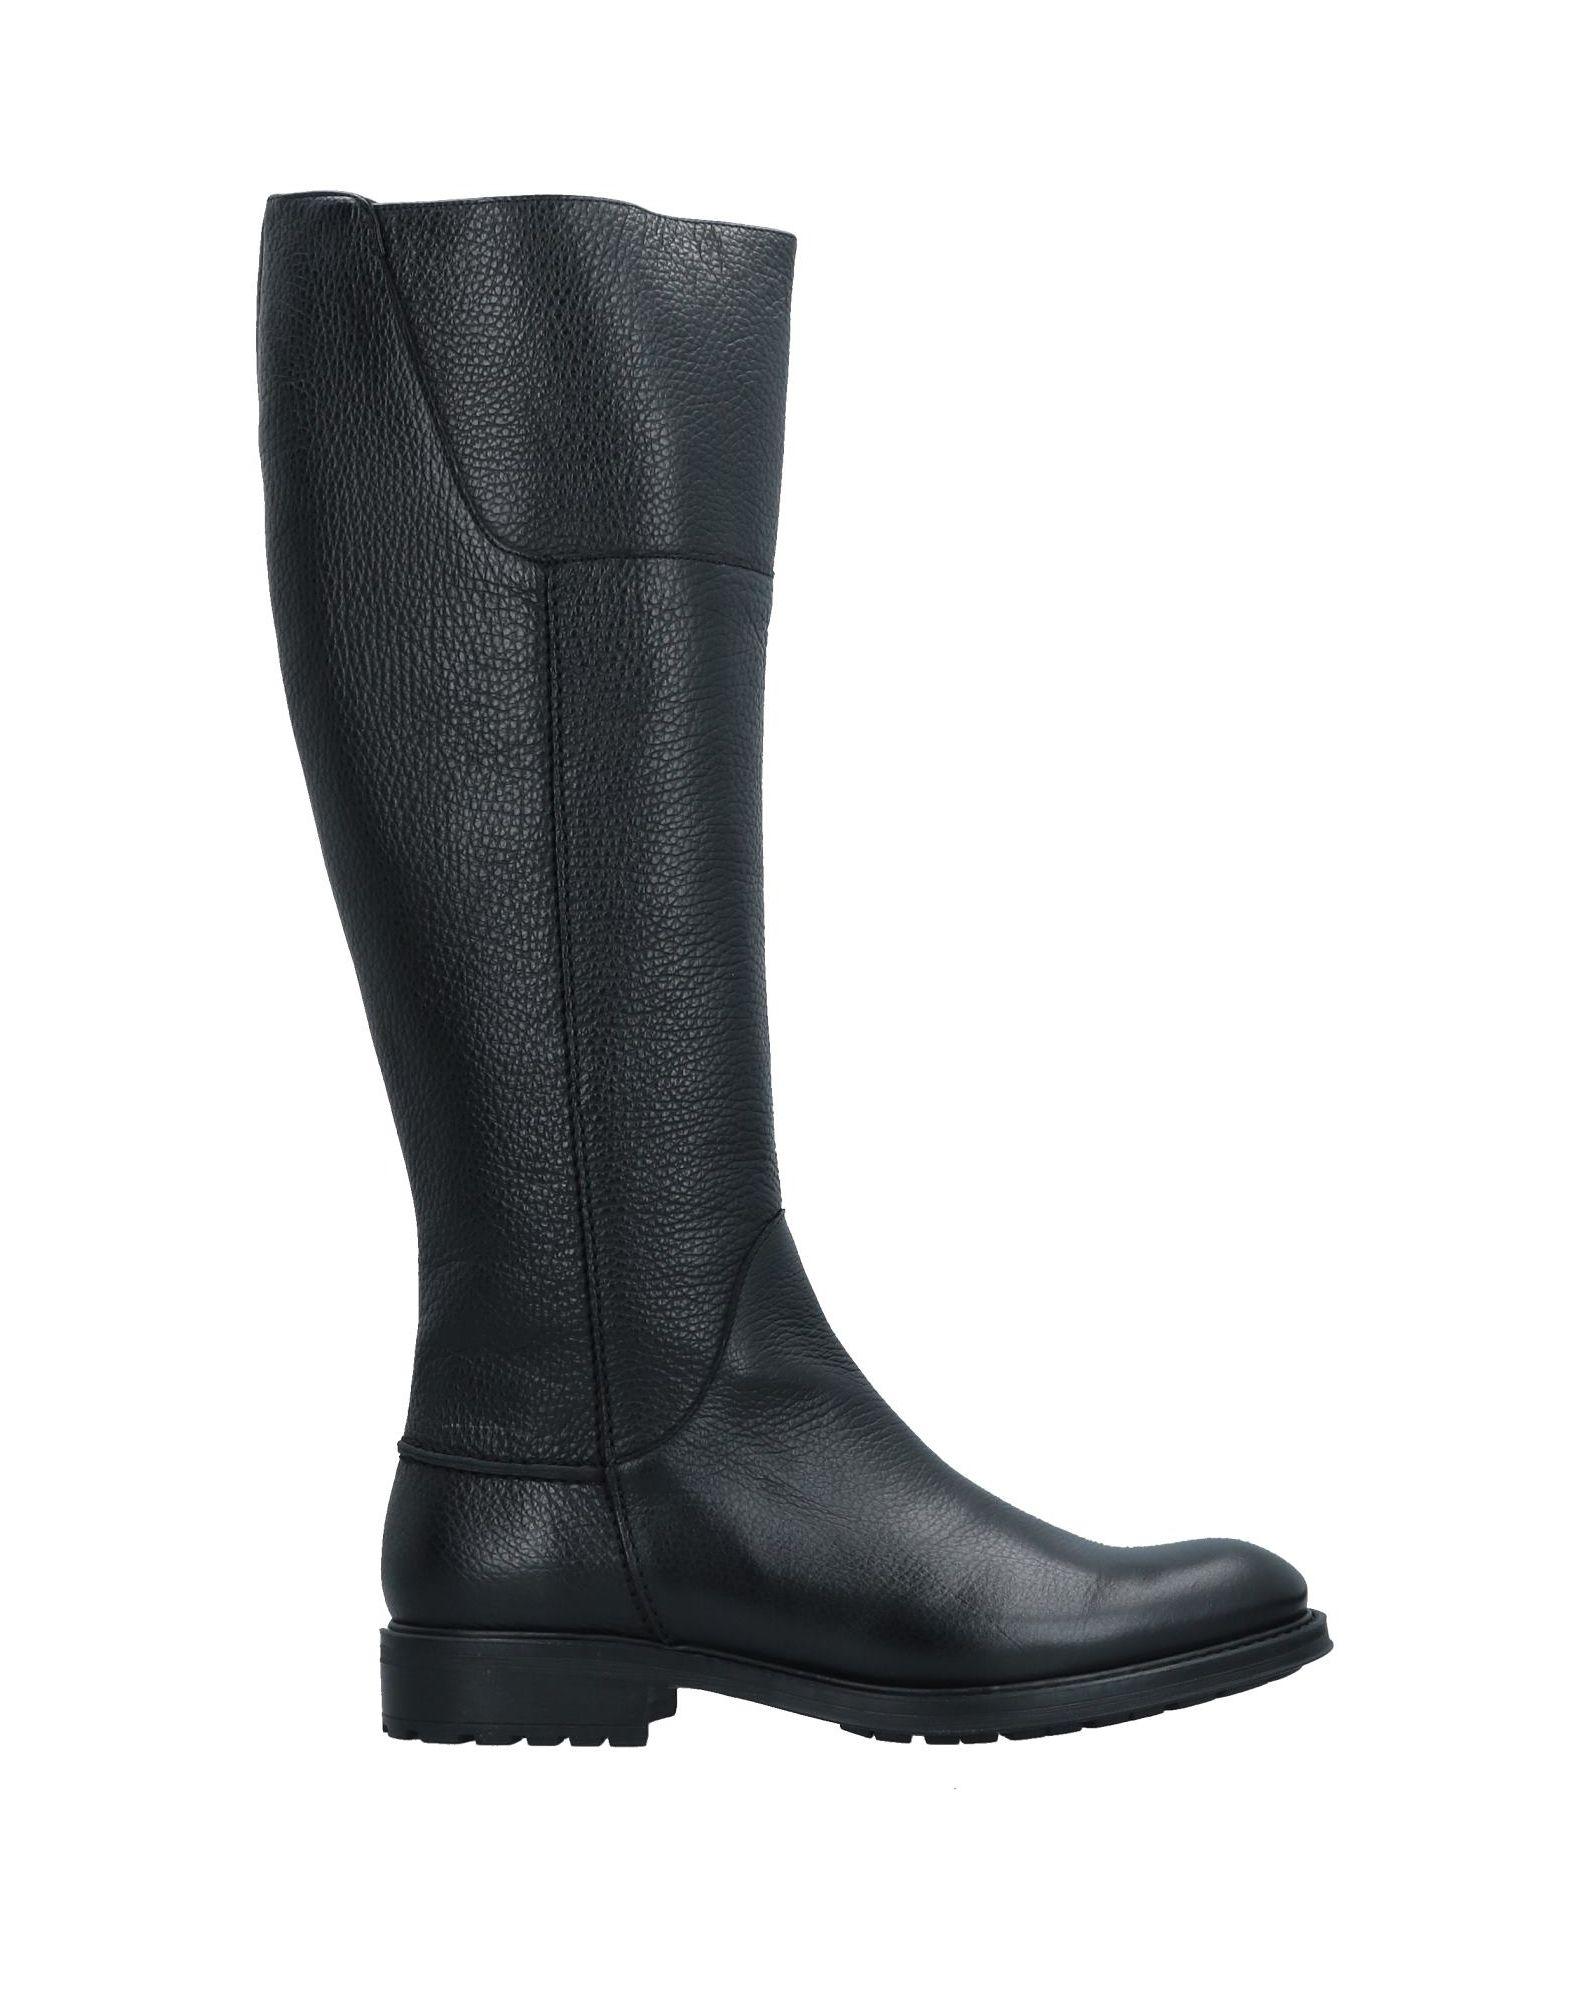 Fragiacomo Stiefel Damen  11519288OVGut aussehende strapazierfähige Schuhe